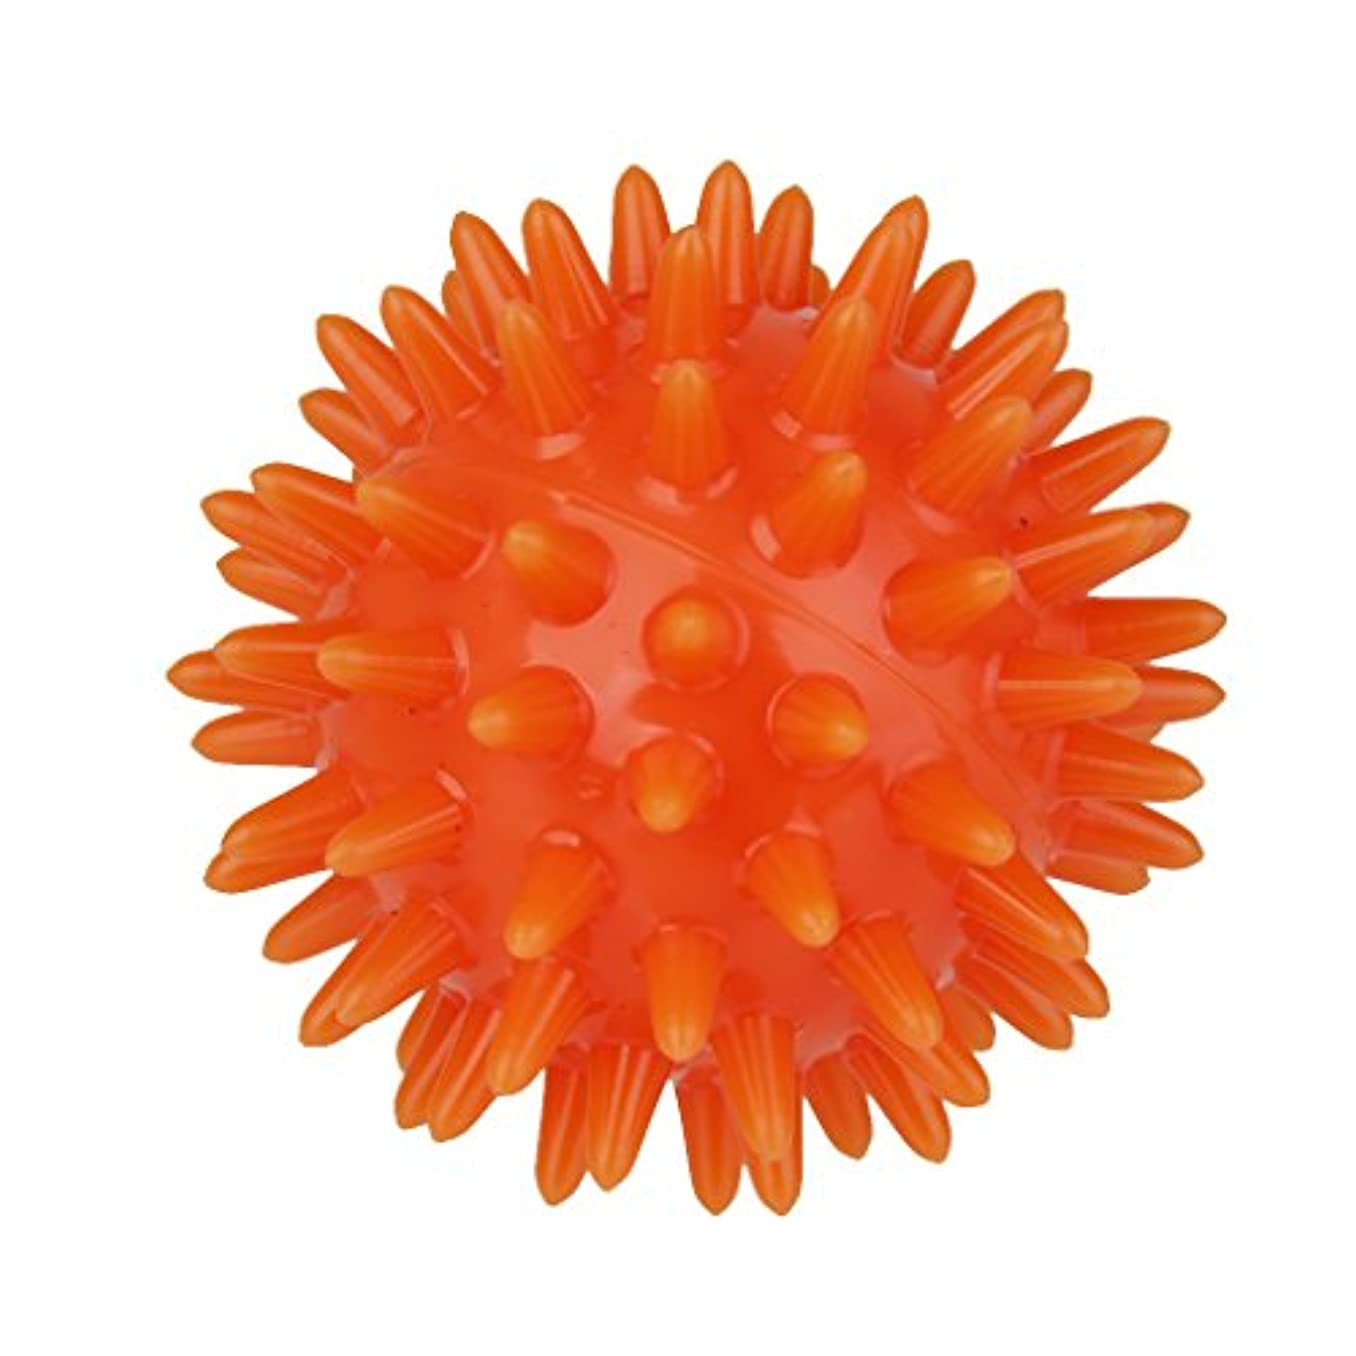 ある比喩肺炎Fenteer ソフト マッサージボール 手のひら 足 腕 首 背中 マッサージ 疲れ 緩和 オレンジ